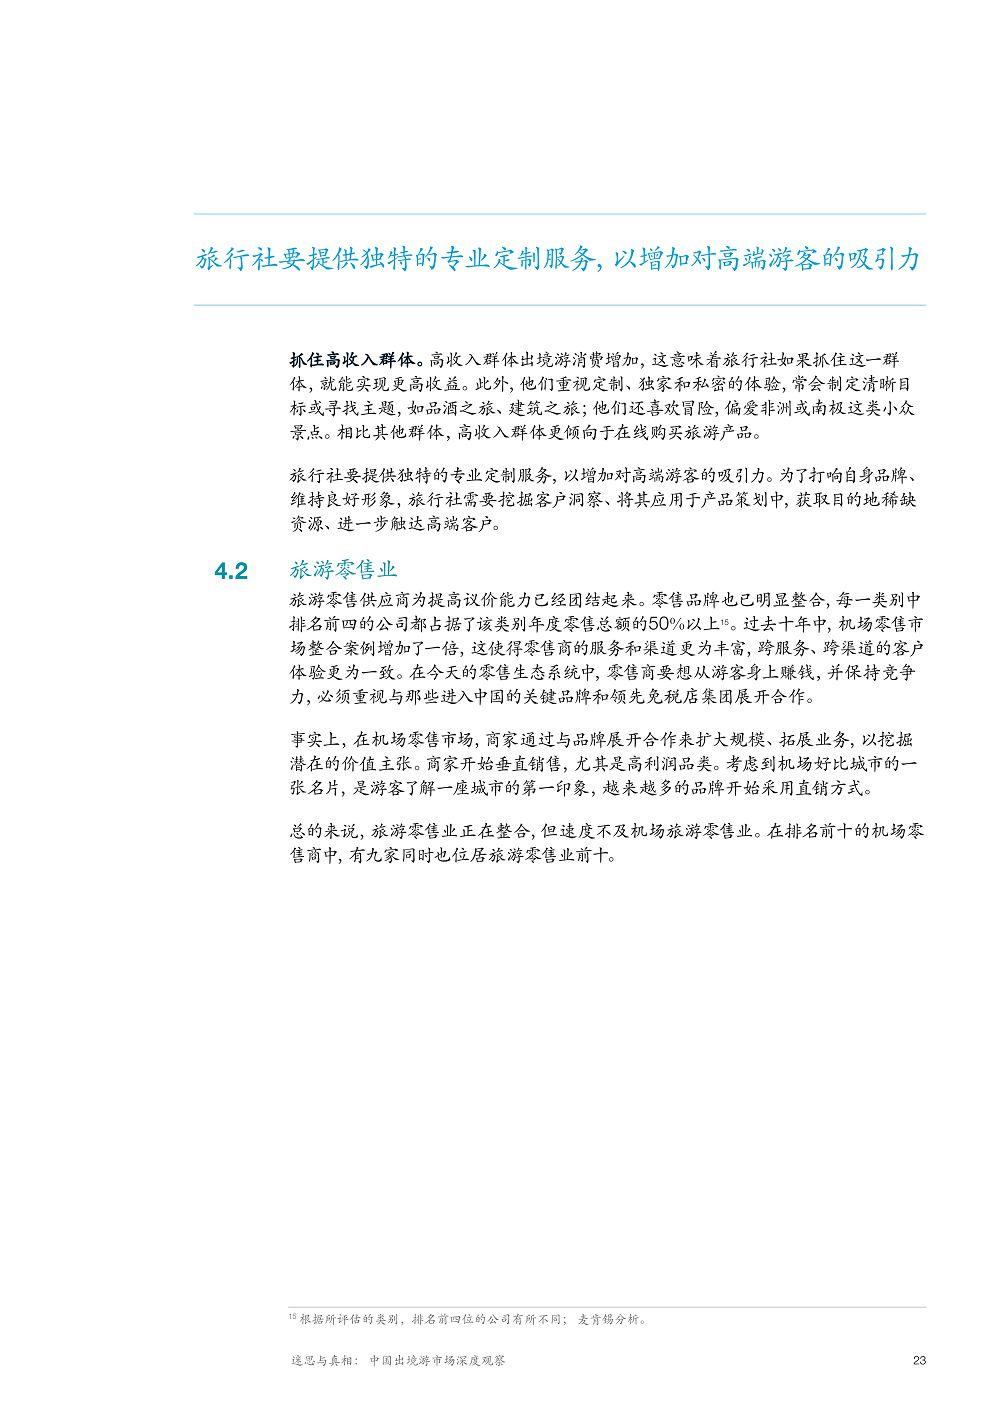 McK_China-tourism-report-2018_CN_27